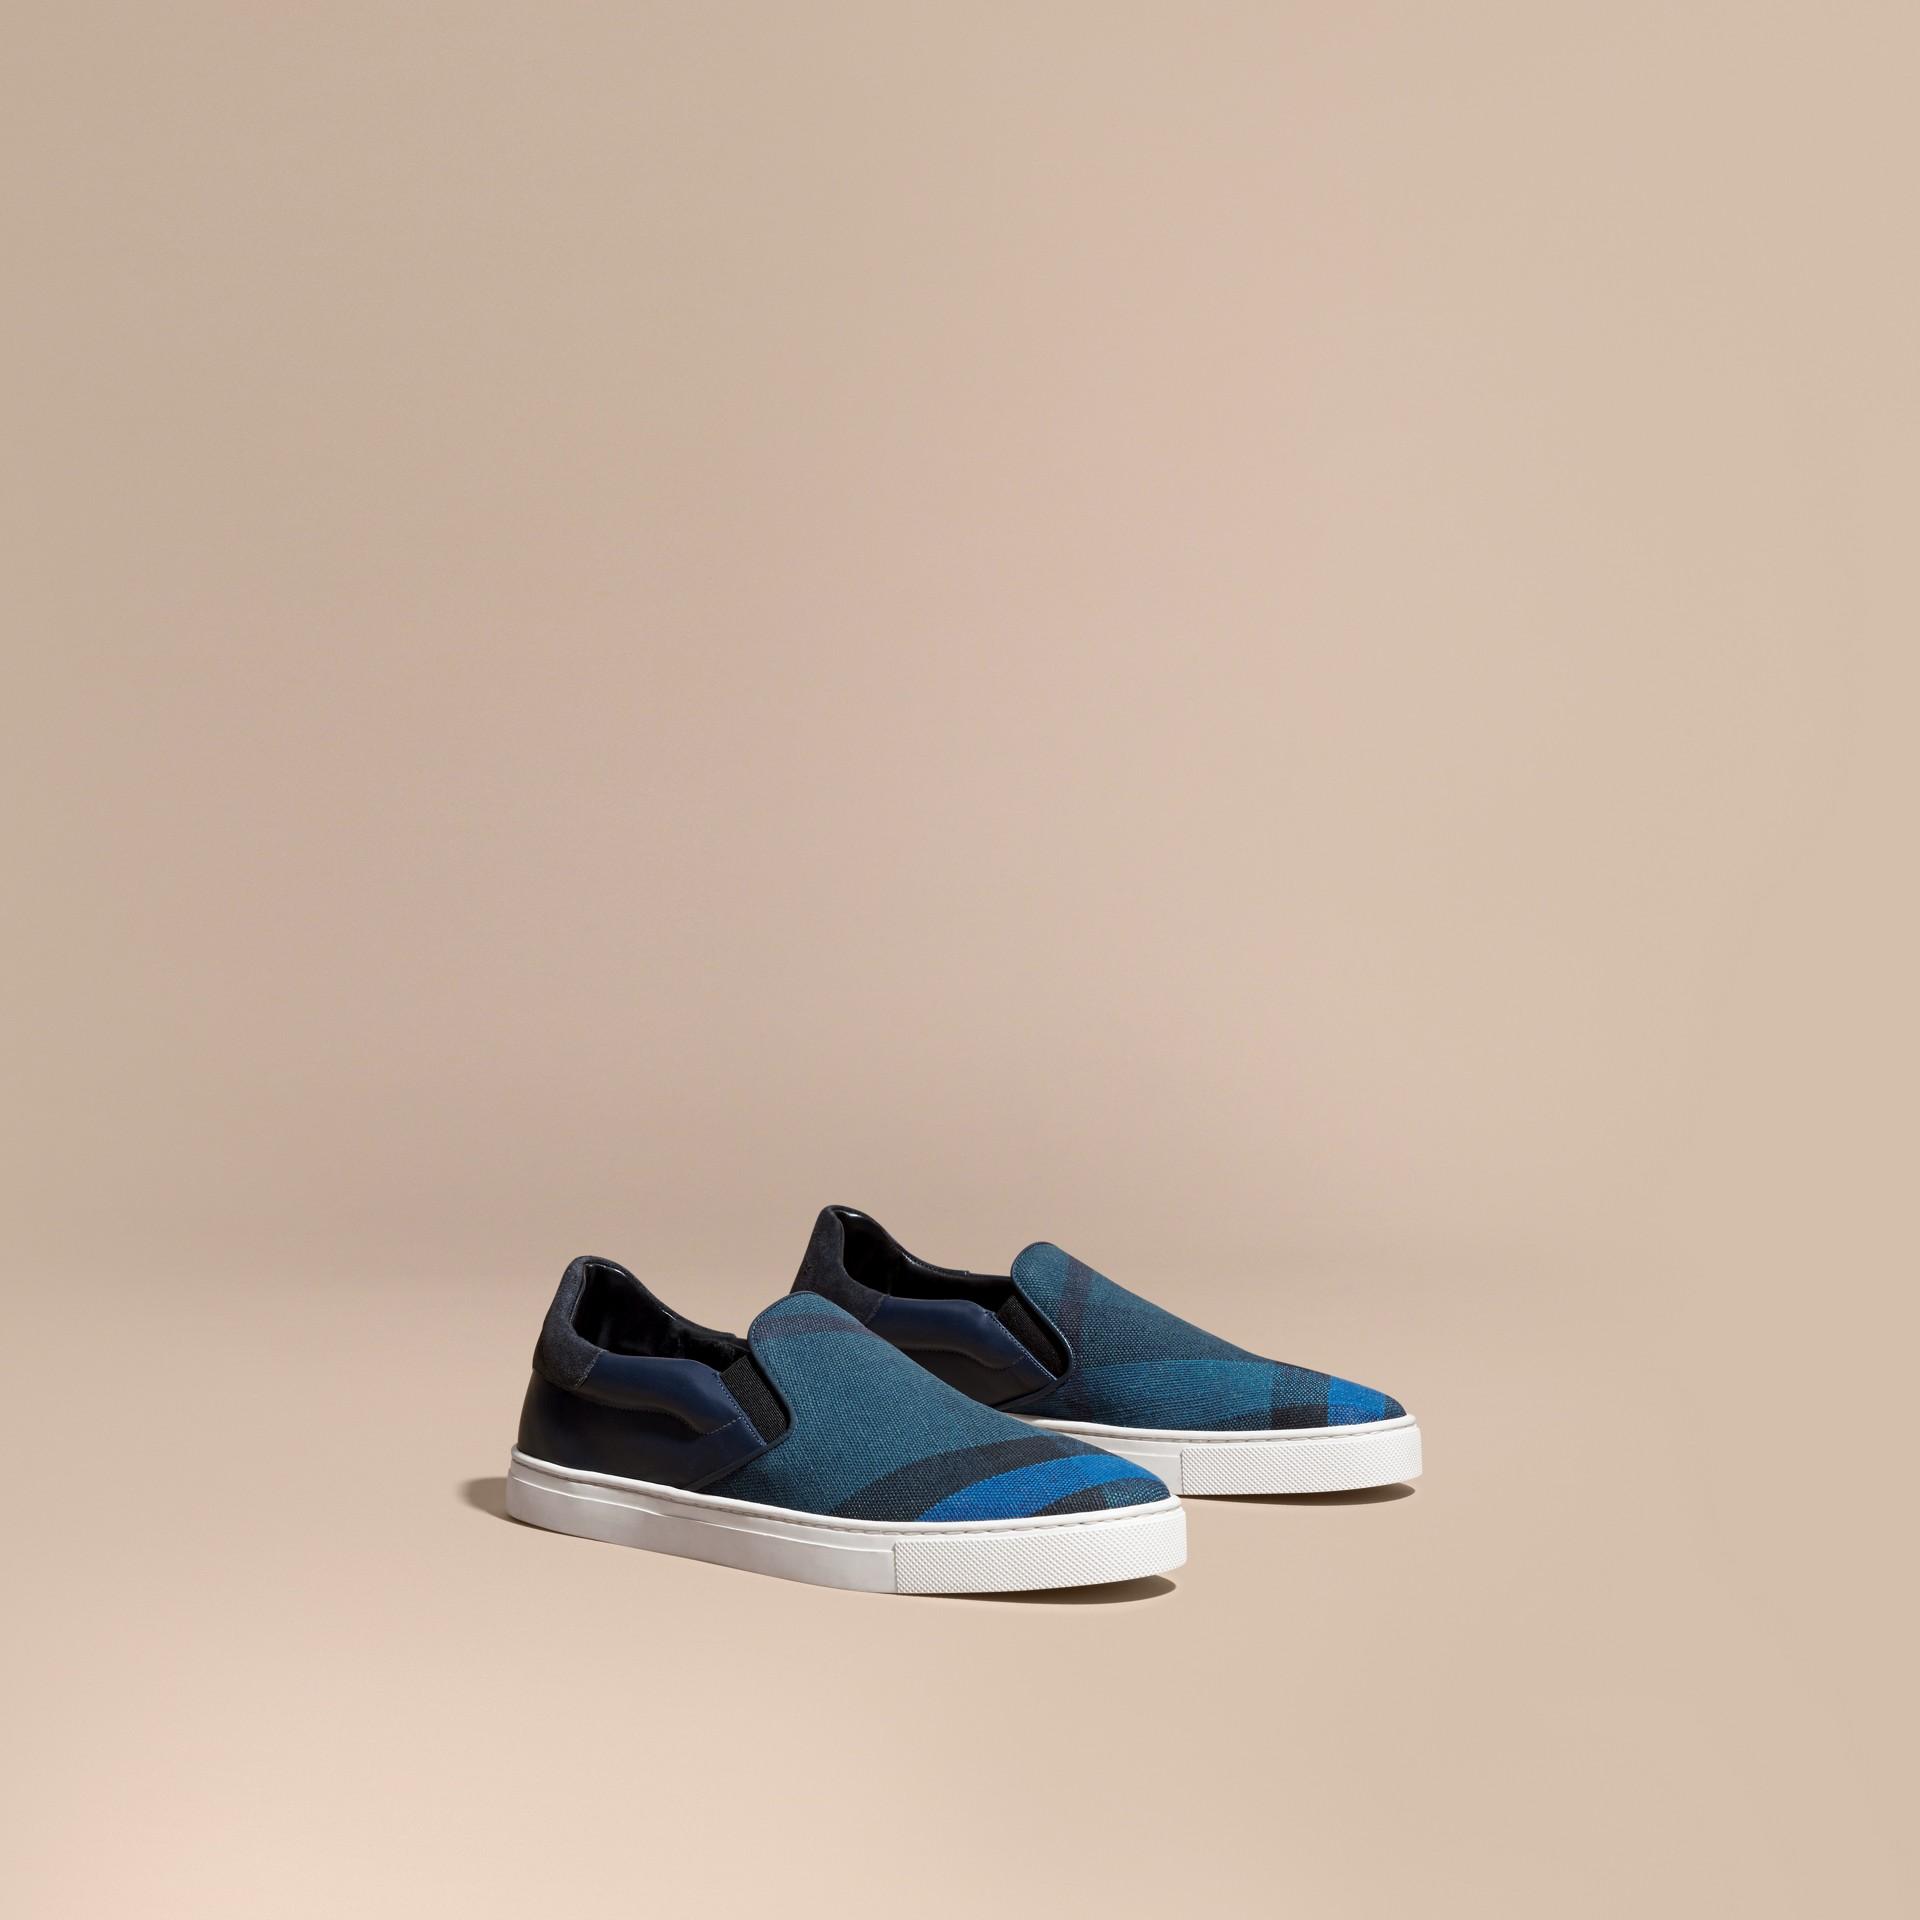 Azul ultramar/negro Zapatillas deportivas sin cordones de piel y checks Canvas Azul Ultramar/negro - imagen de la galería 1